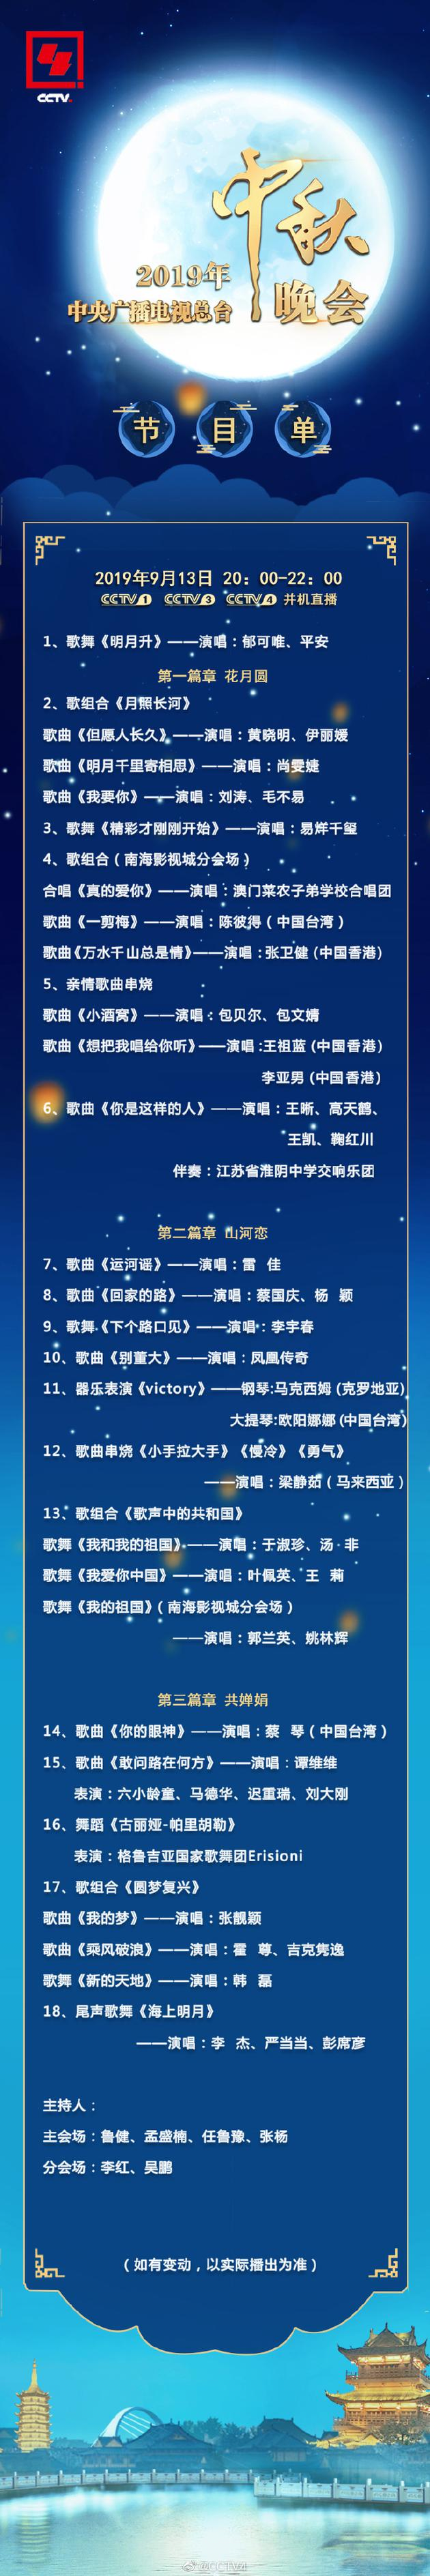 2019年中央廣播電視總臺中秋晚會節目單正式公布,晚會主會場落戶圖片